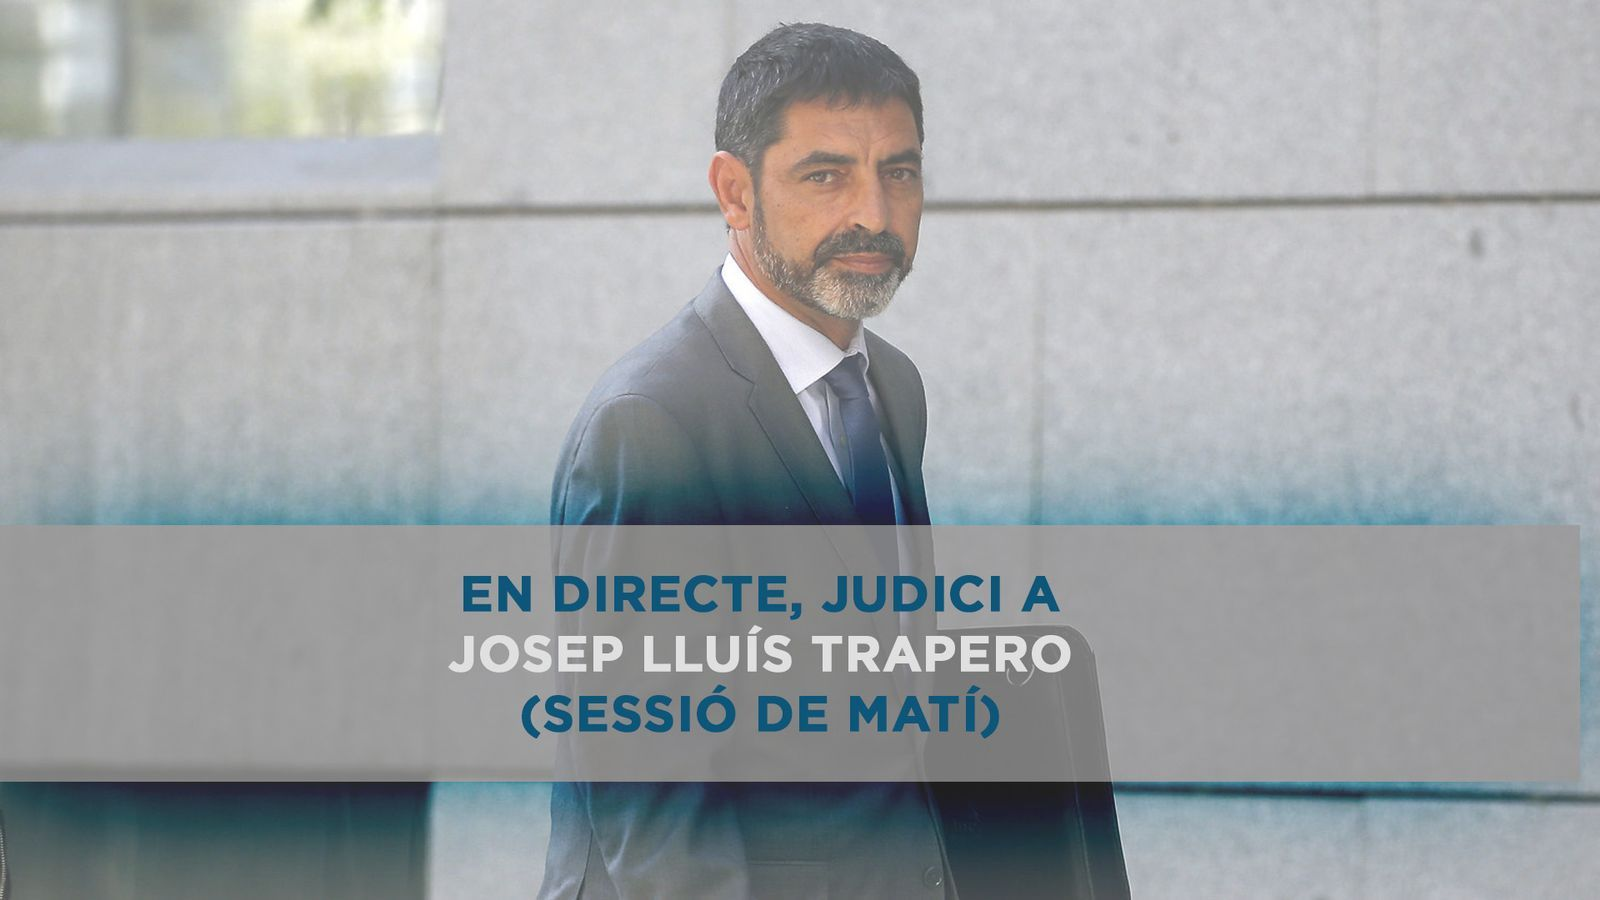 Judici a Trapero a l'Audiència Nacional (sessió de matí)